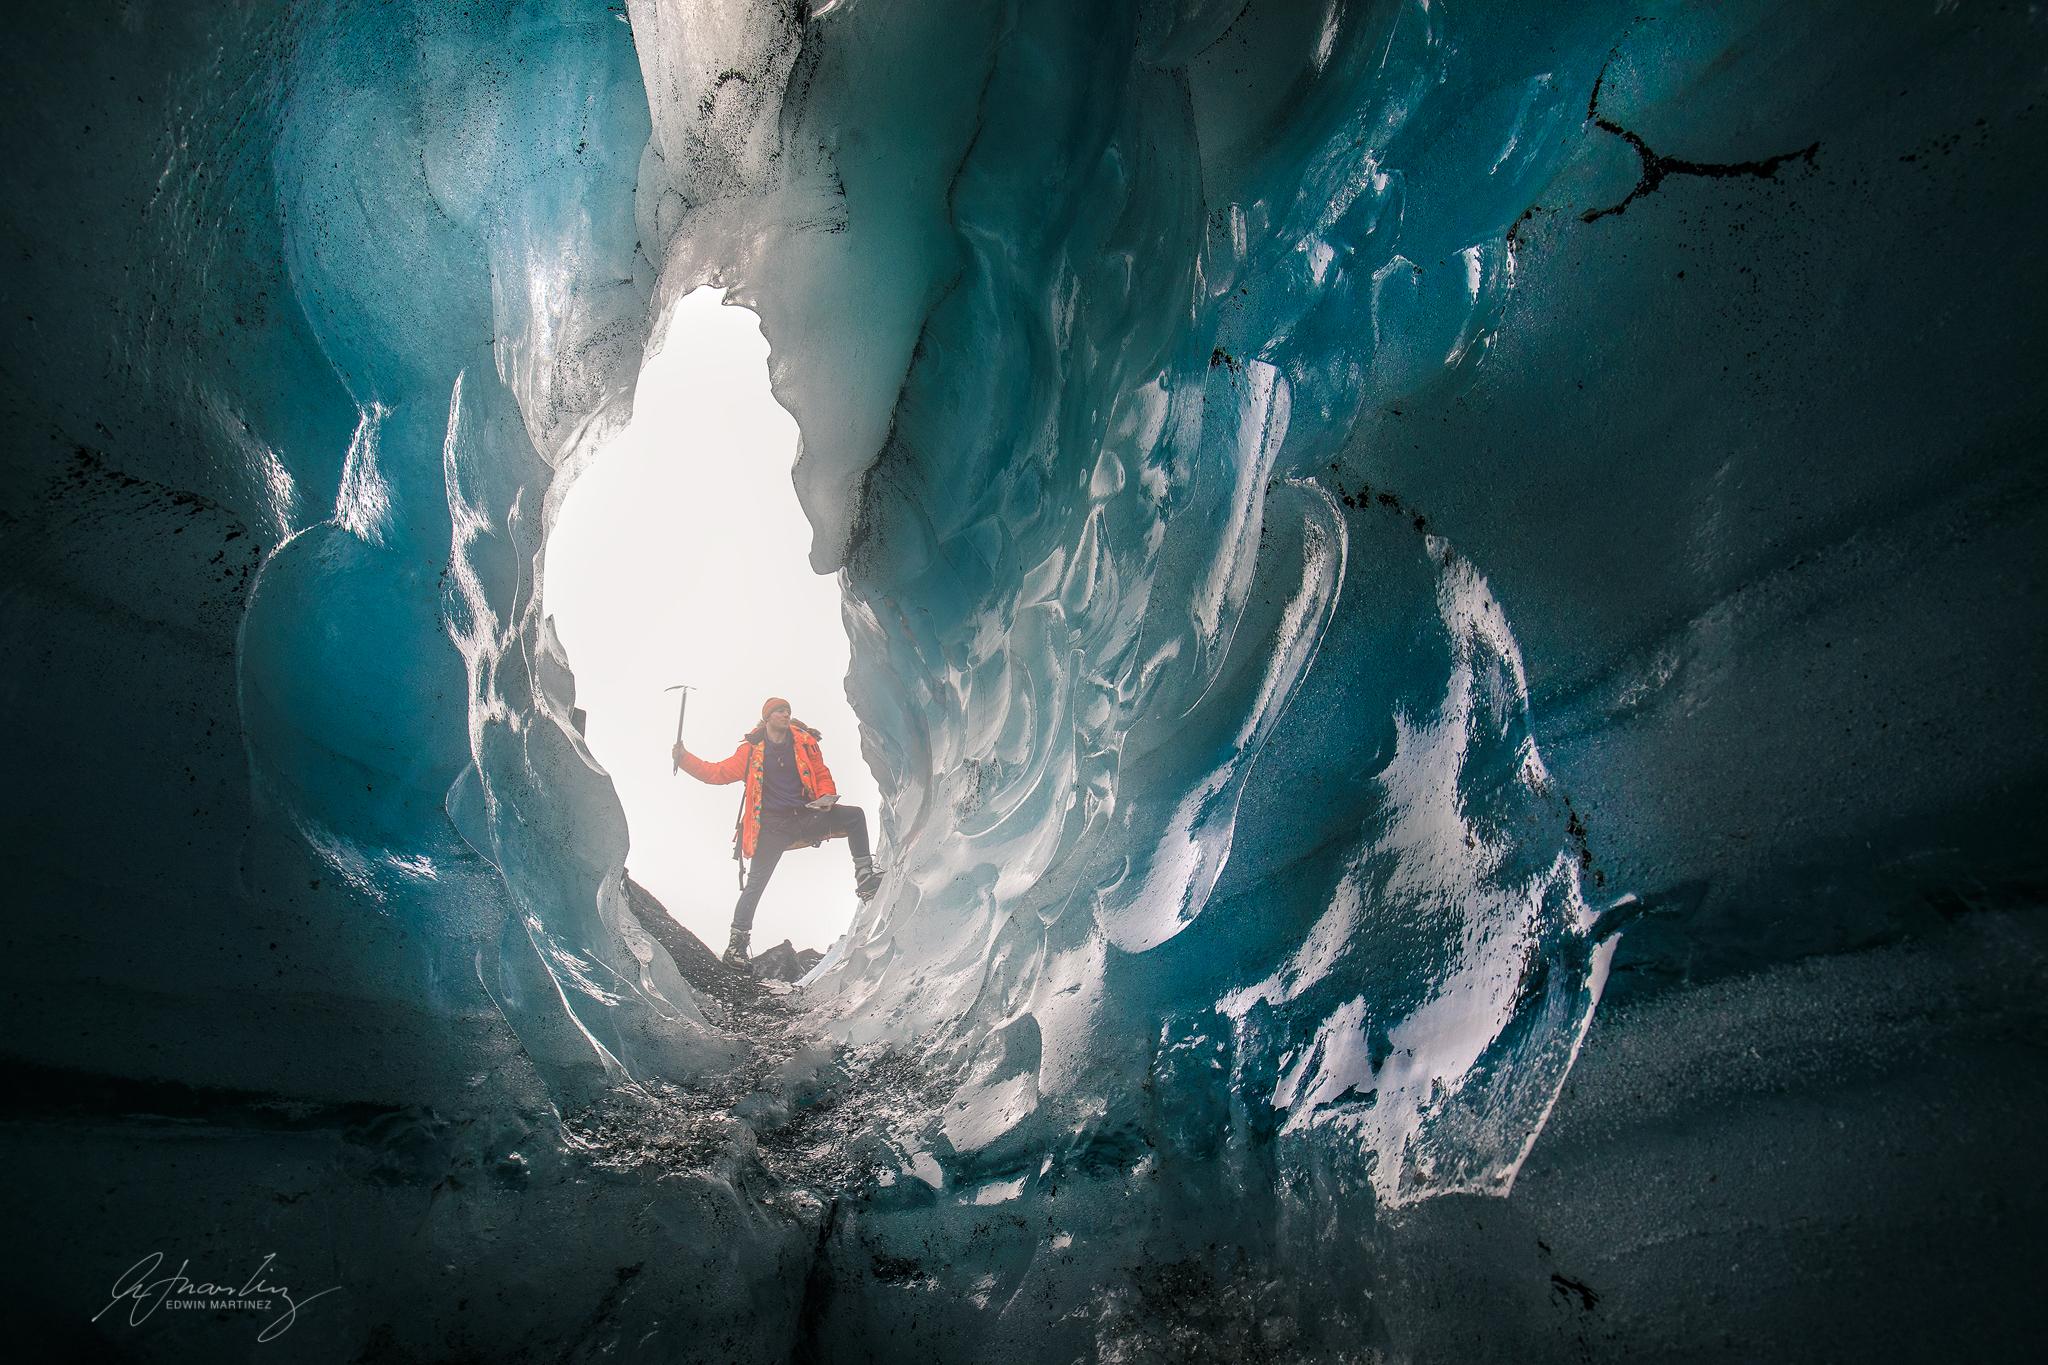 Tour de 2 días por la Costa Sur, laguna glaciar de Jökulsárlón, senderismo en el glaciar y el avión DC-3 - day 2